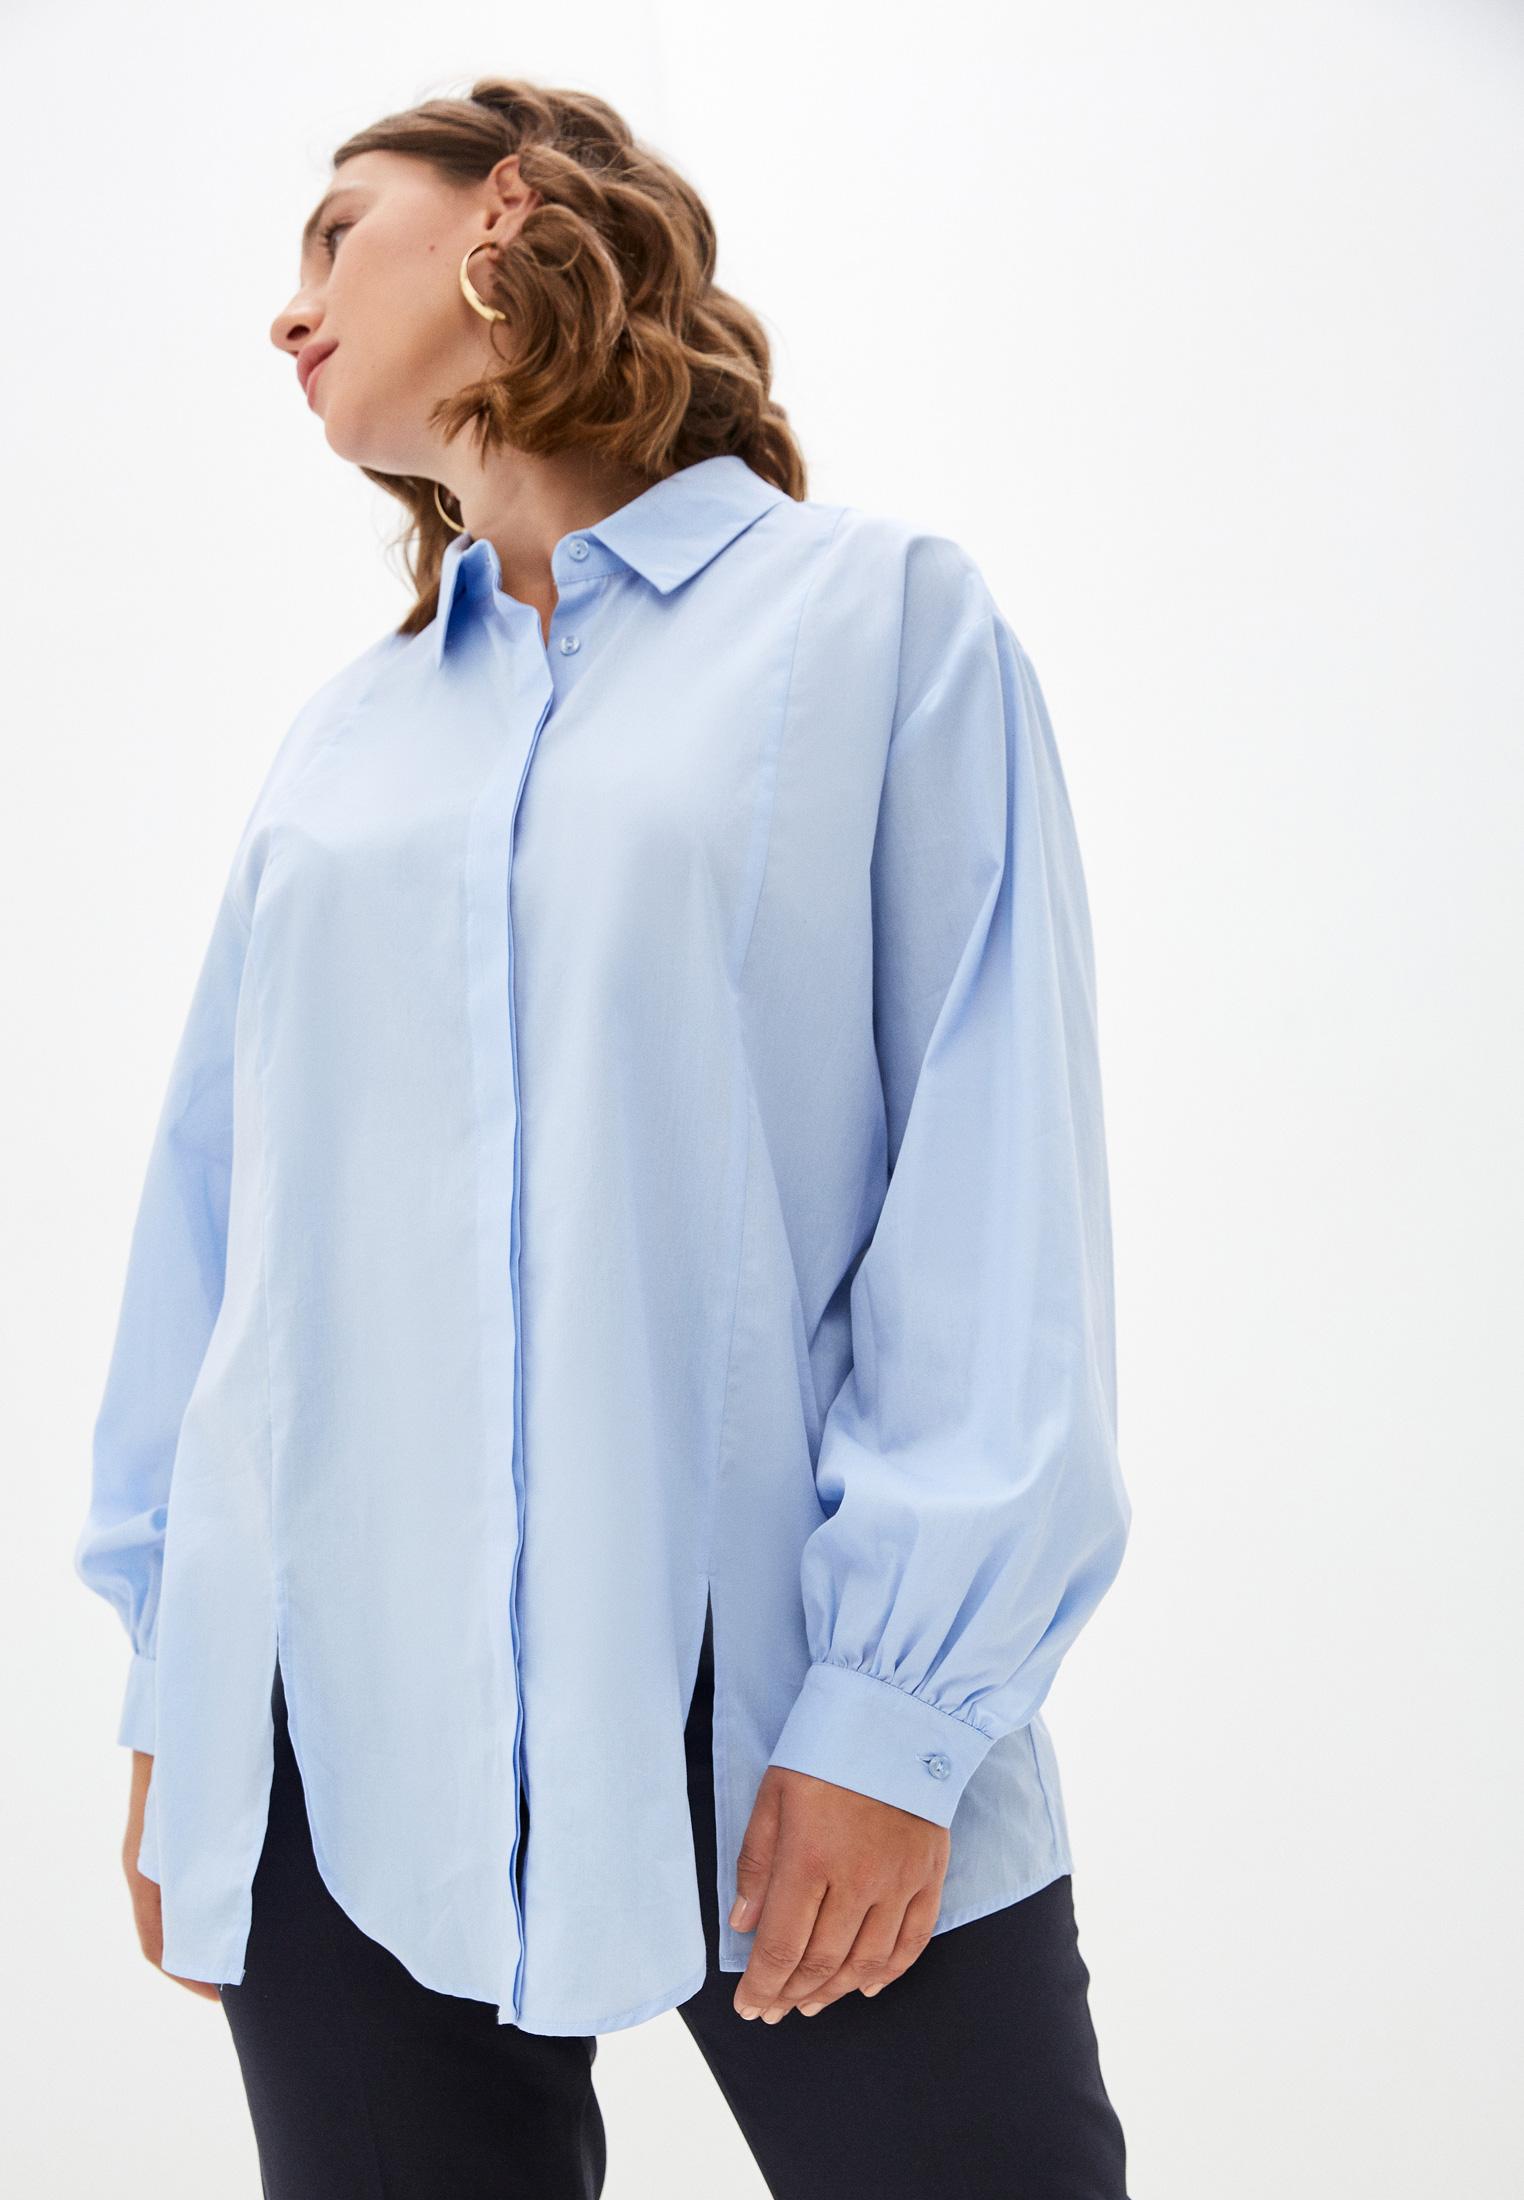 Рубашка Persona by Marina Rinaldi Рубашка Persona by Marina Rinaldi